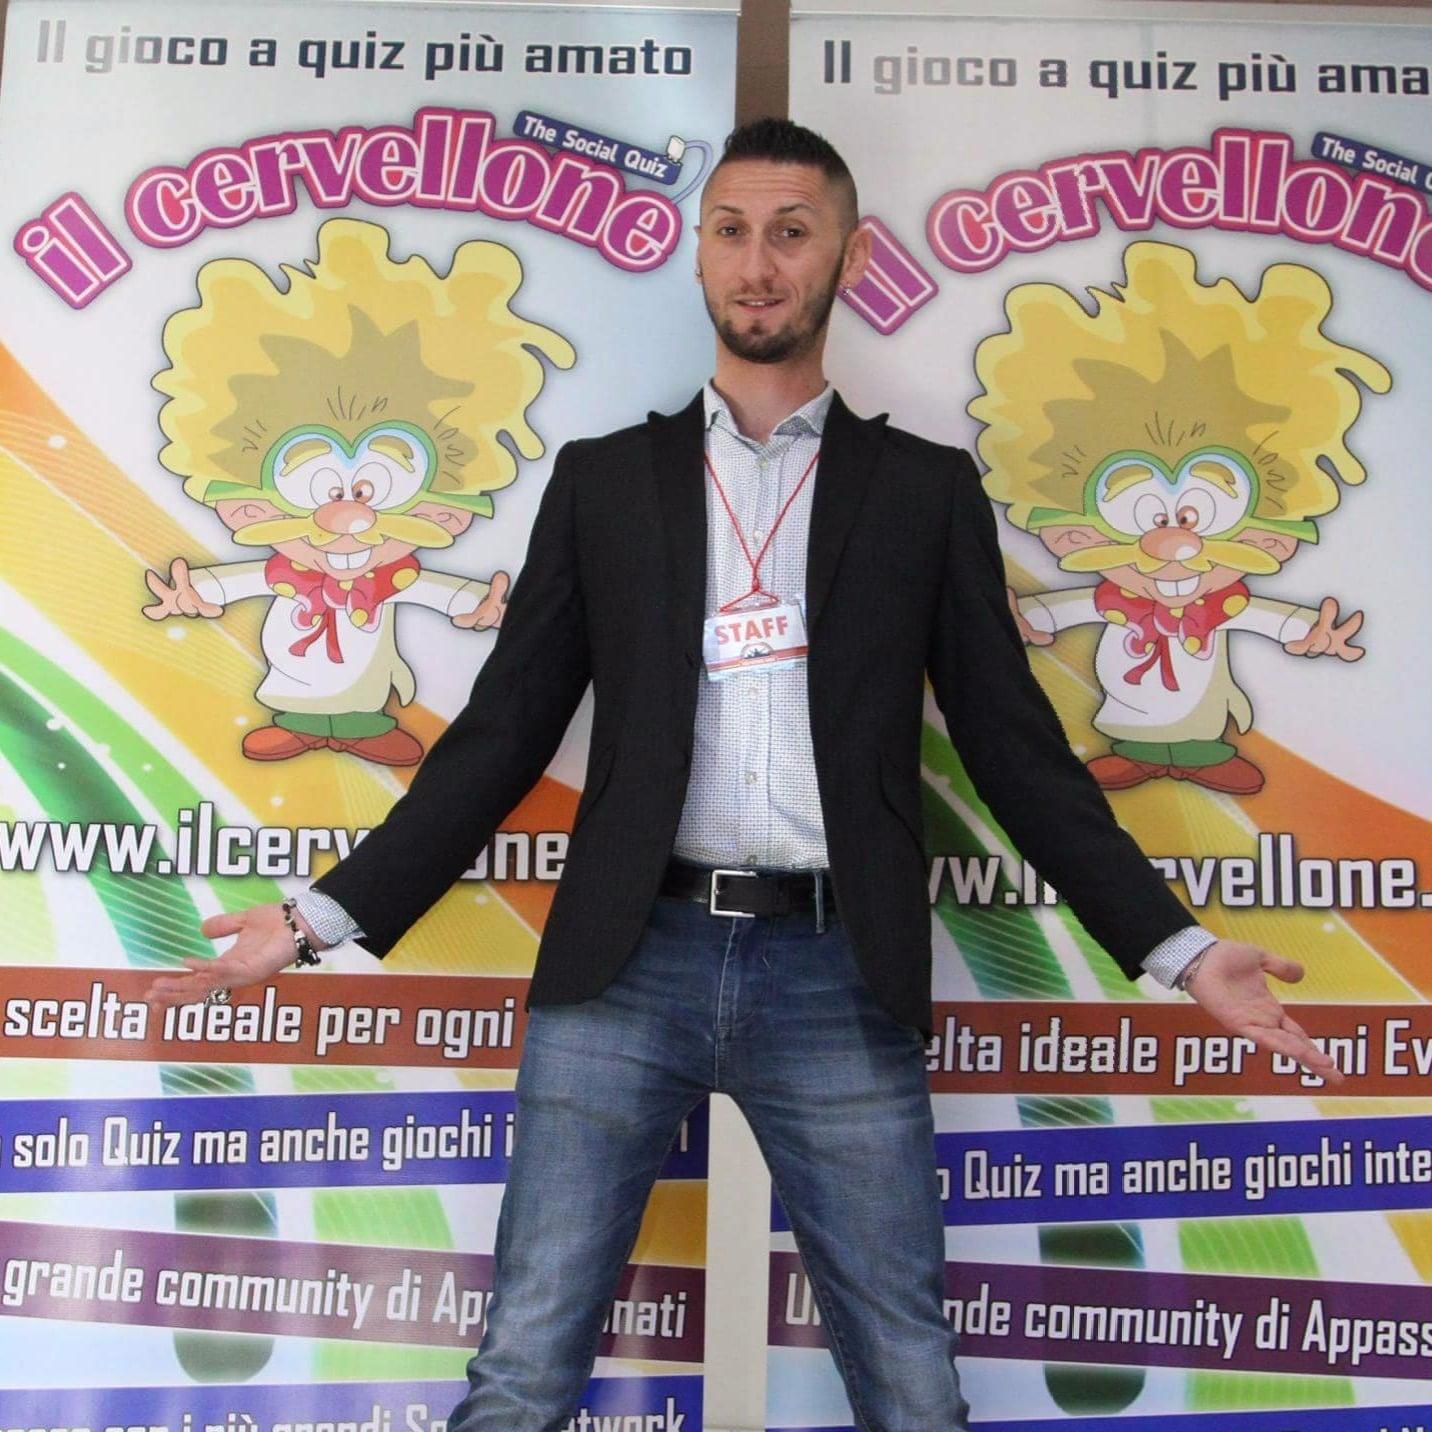 Fiorai I Gratuiti 19 Migliori A In San Fiorecon Giovanni Preventivi Tl1FJKc